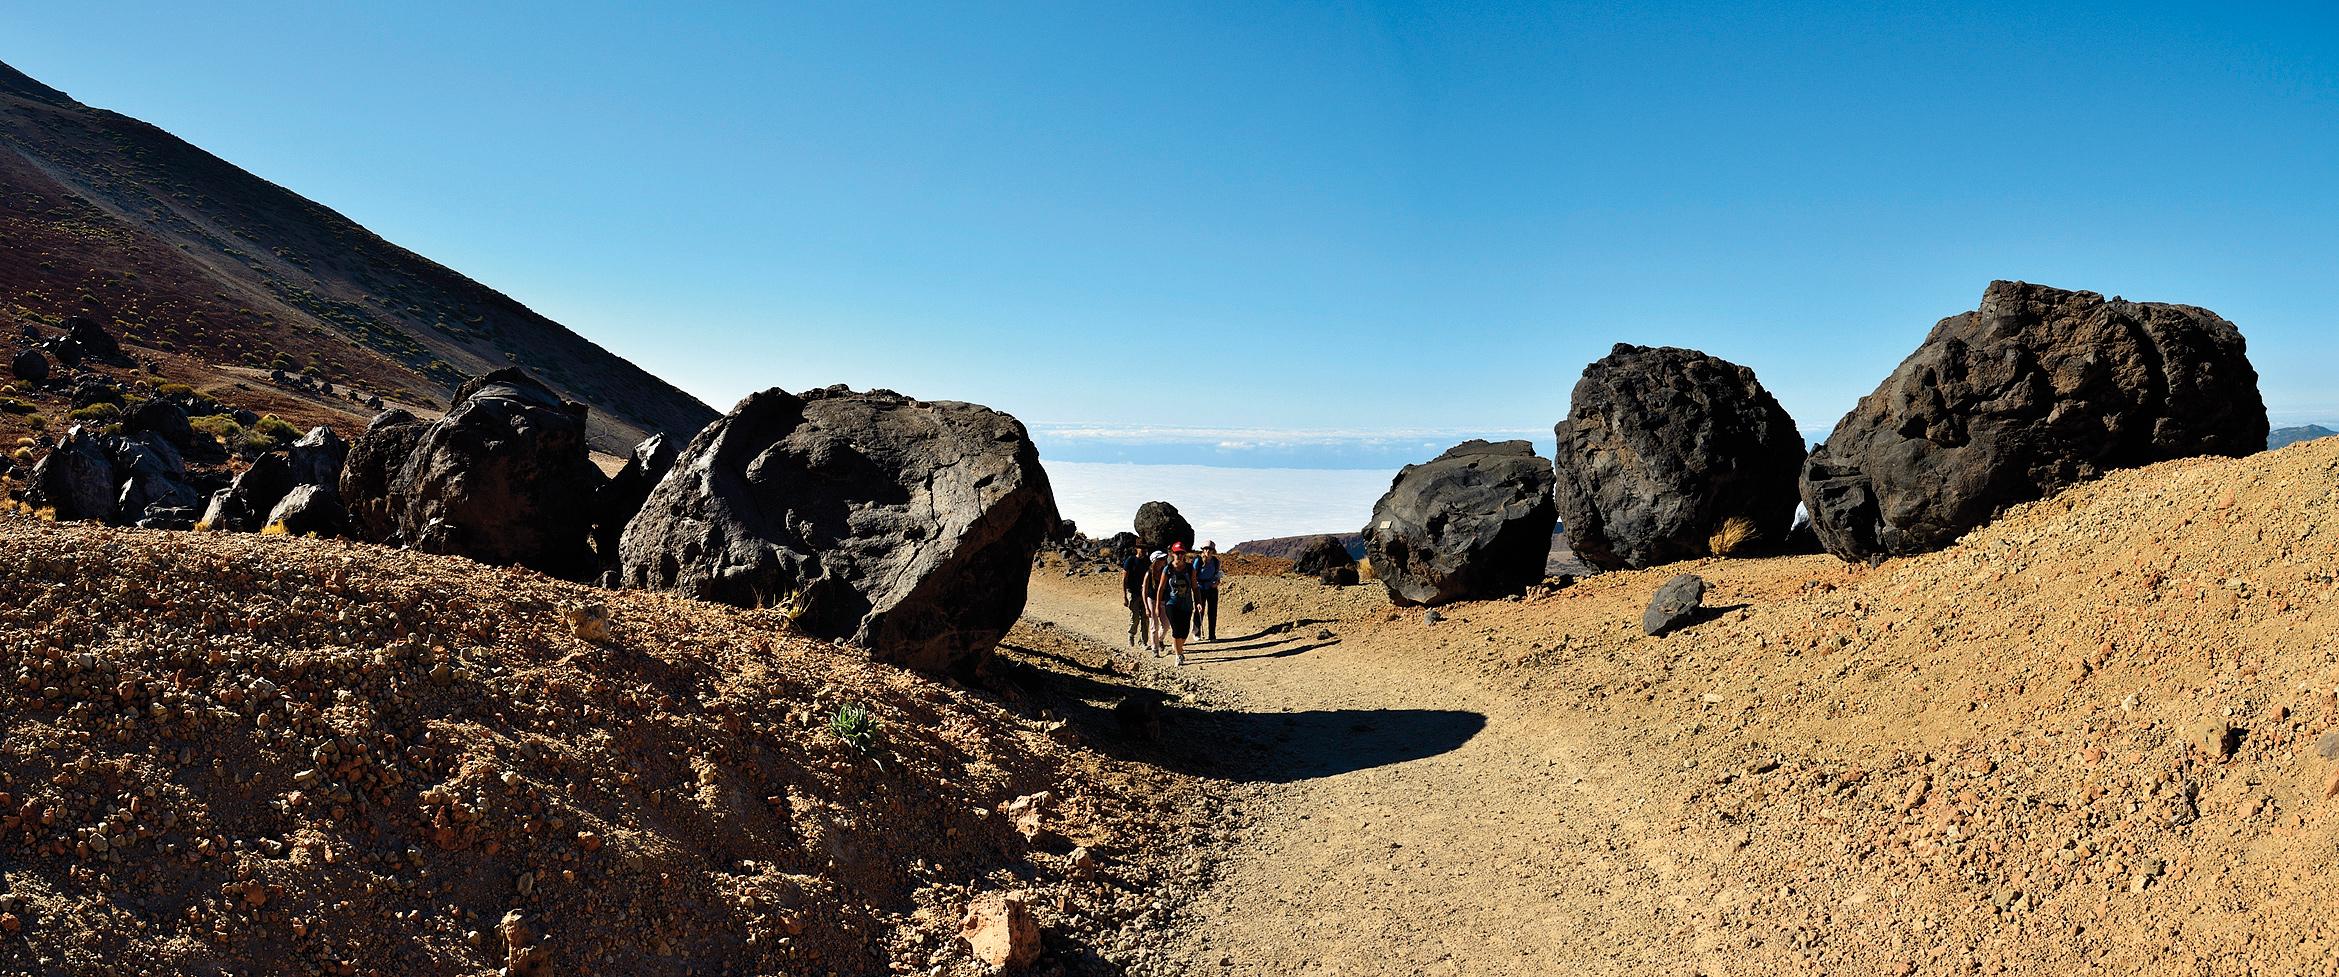 Teide Besteigung ohne Genehmigung: Wanderweg Montaña Blanca